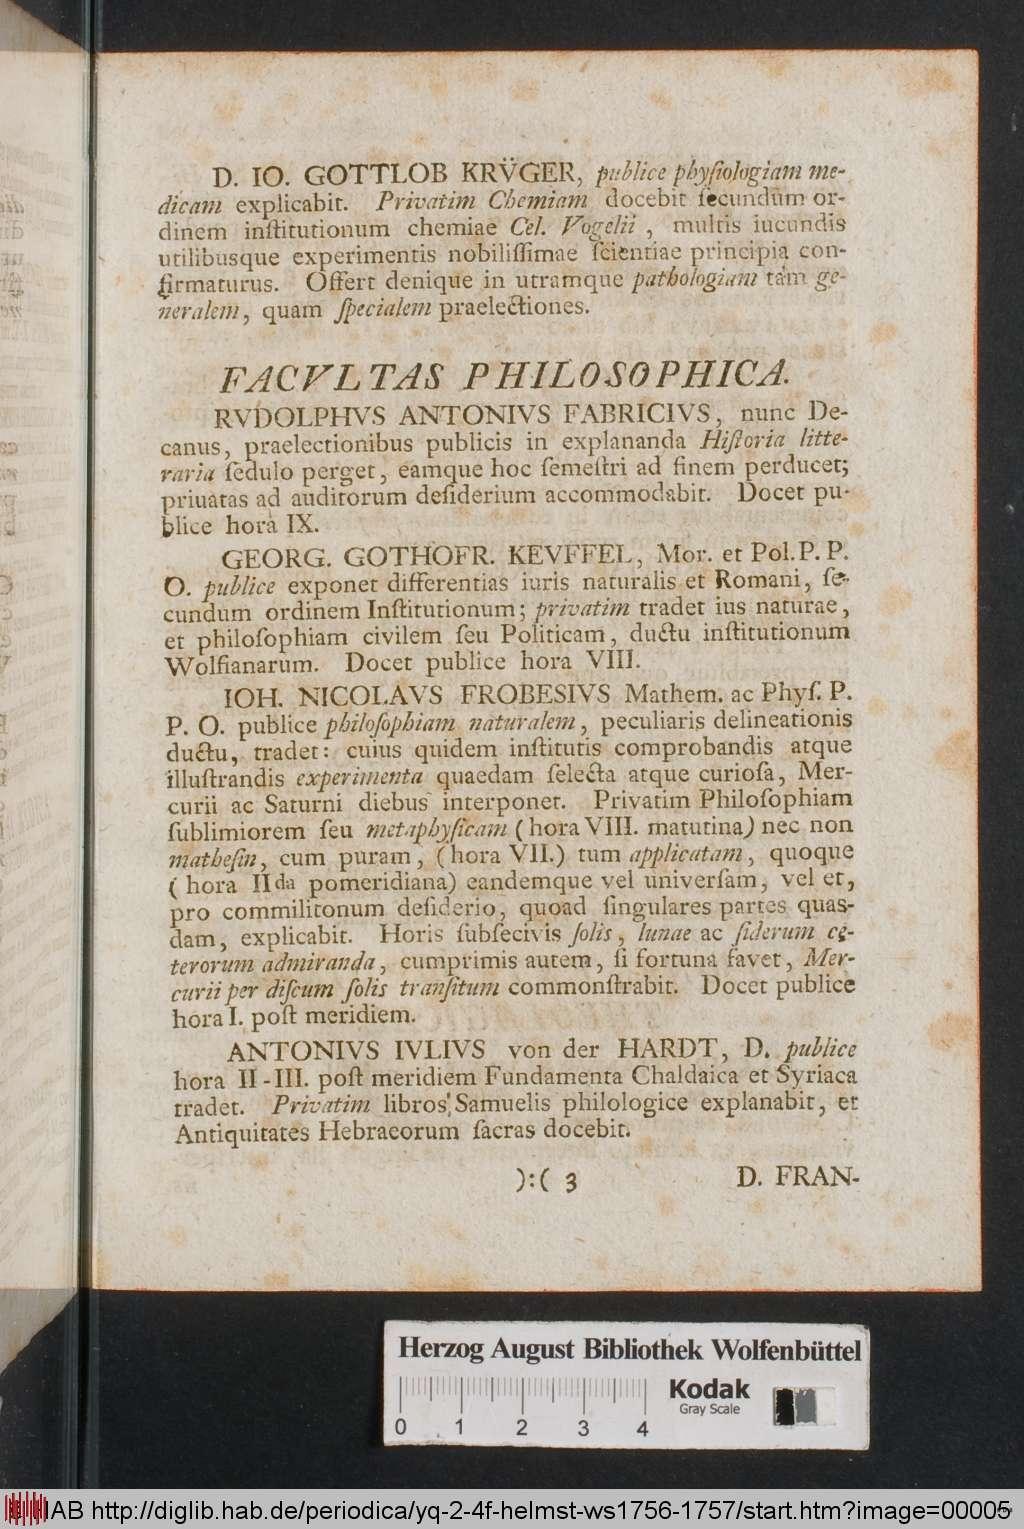 http://diglib.hab.de/periodica/yq-2-4f-helmst-ws1756-1757/00005.jpg